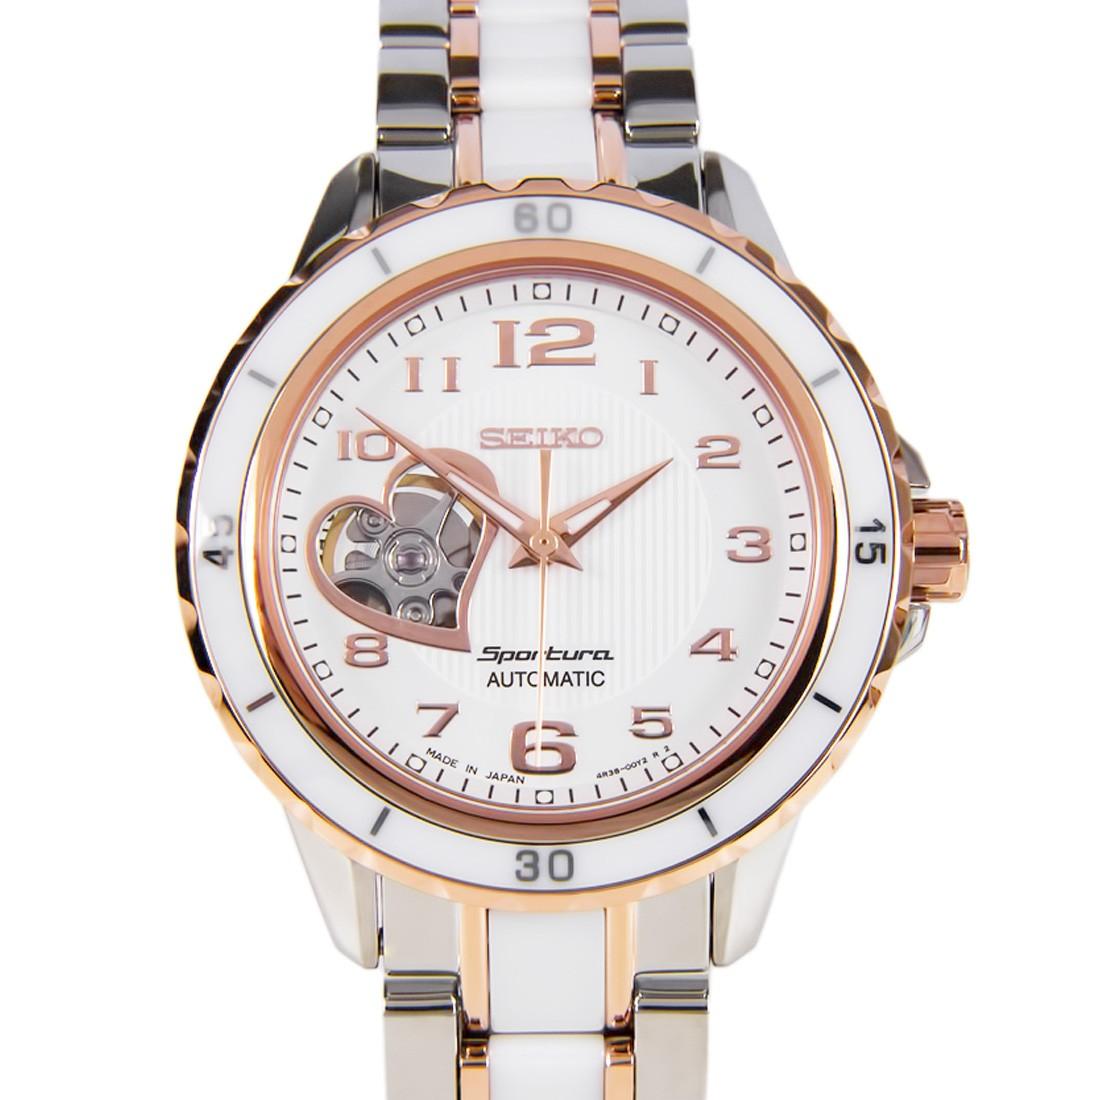 นาฬิกา Seiko ผู้หญิง Seiko Women Seiko Sportura Automatic Ceramic Women's Watch SSA884J1